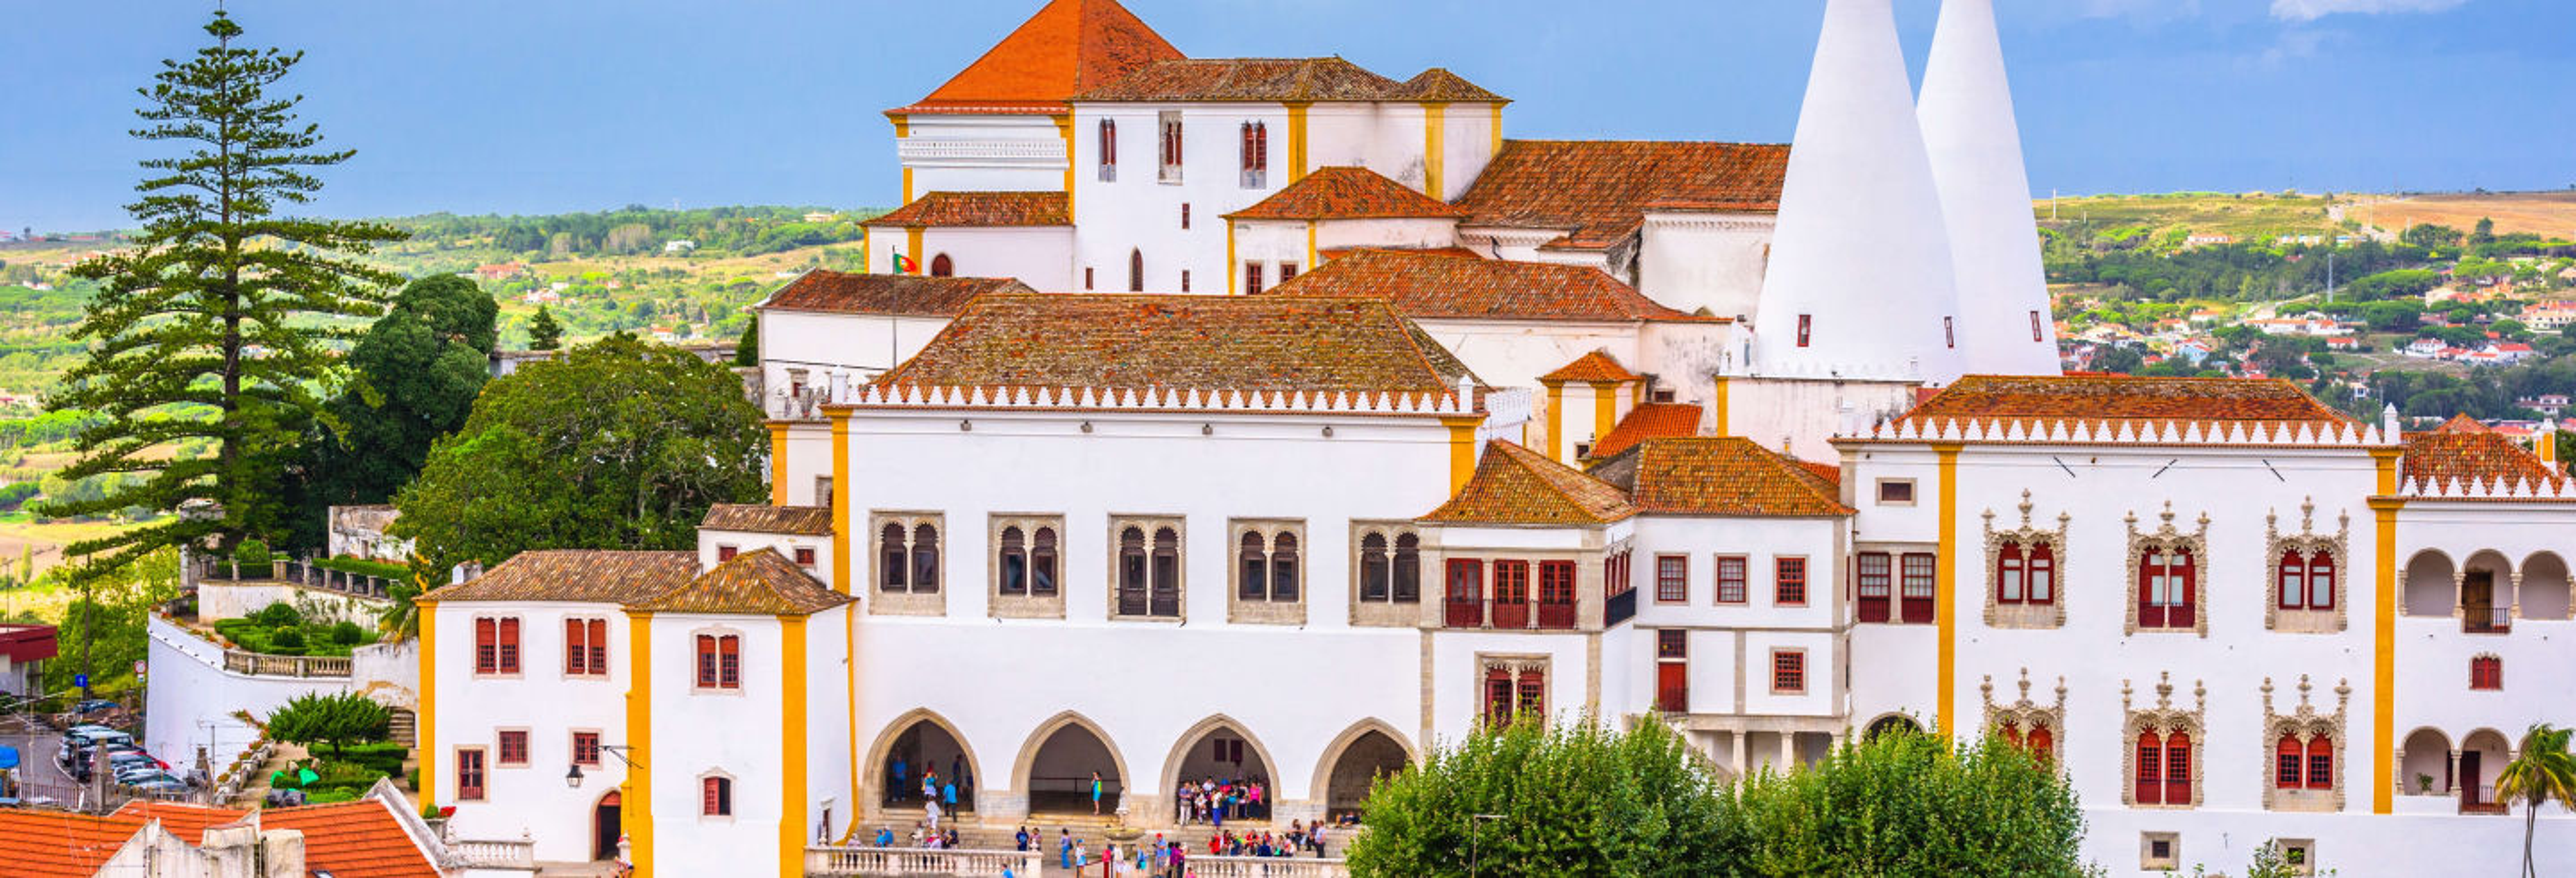 Billet pour le Palais National de Sintra et ses jardins